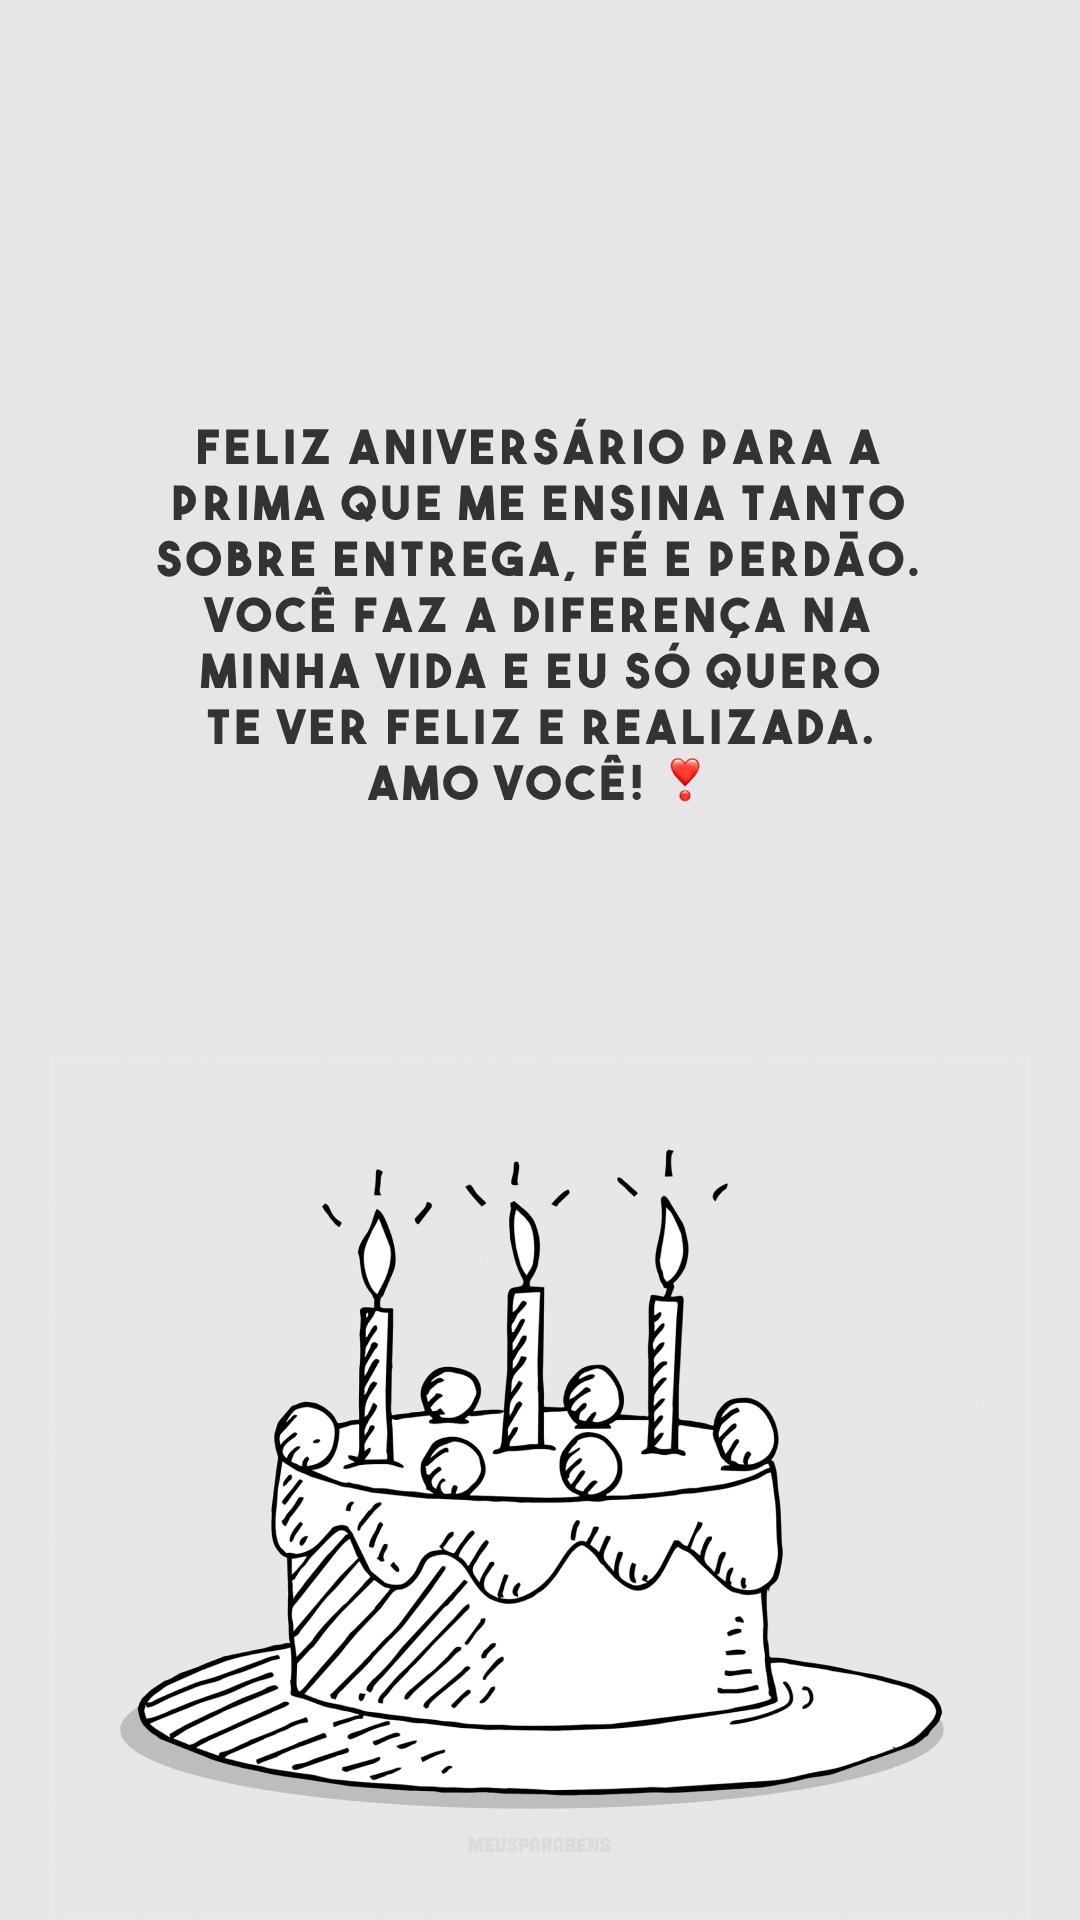 Feliz aniversário para a prima que me ensina tanto sobre entrega, fé e perdão. Você faz a diferença na minha vida e eu só quero te ver feliz e realizada. Amo você! ❣️